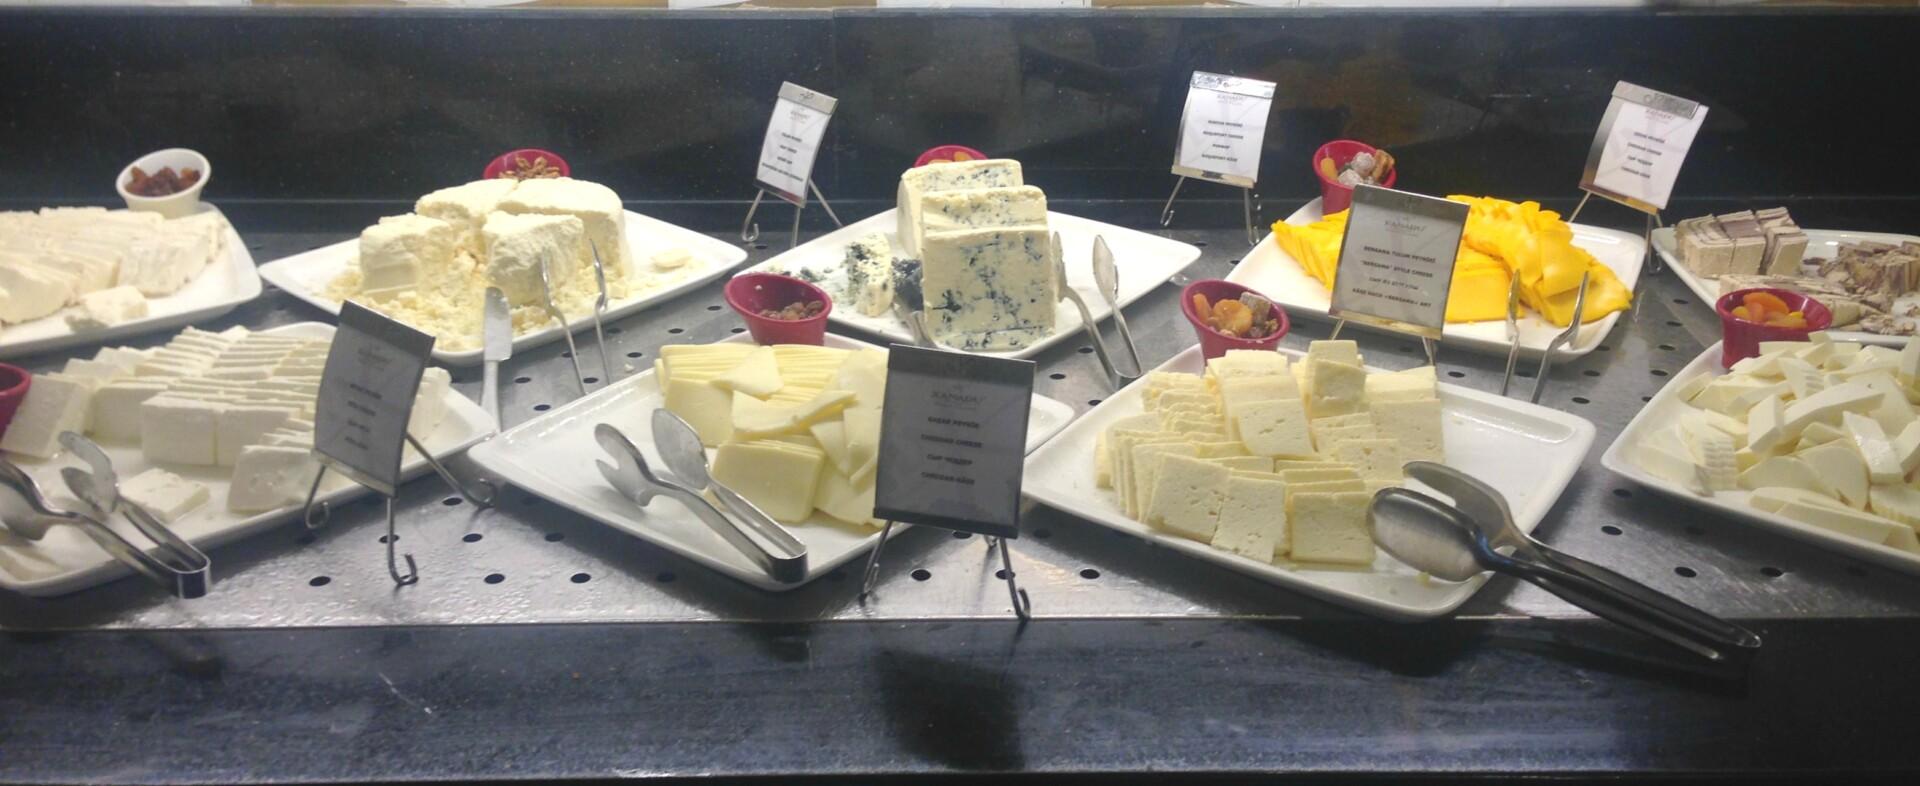 Et udvalg af oste